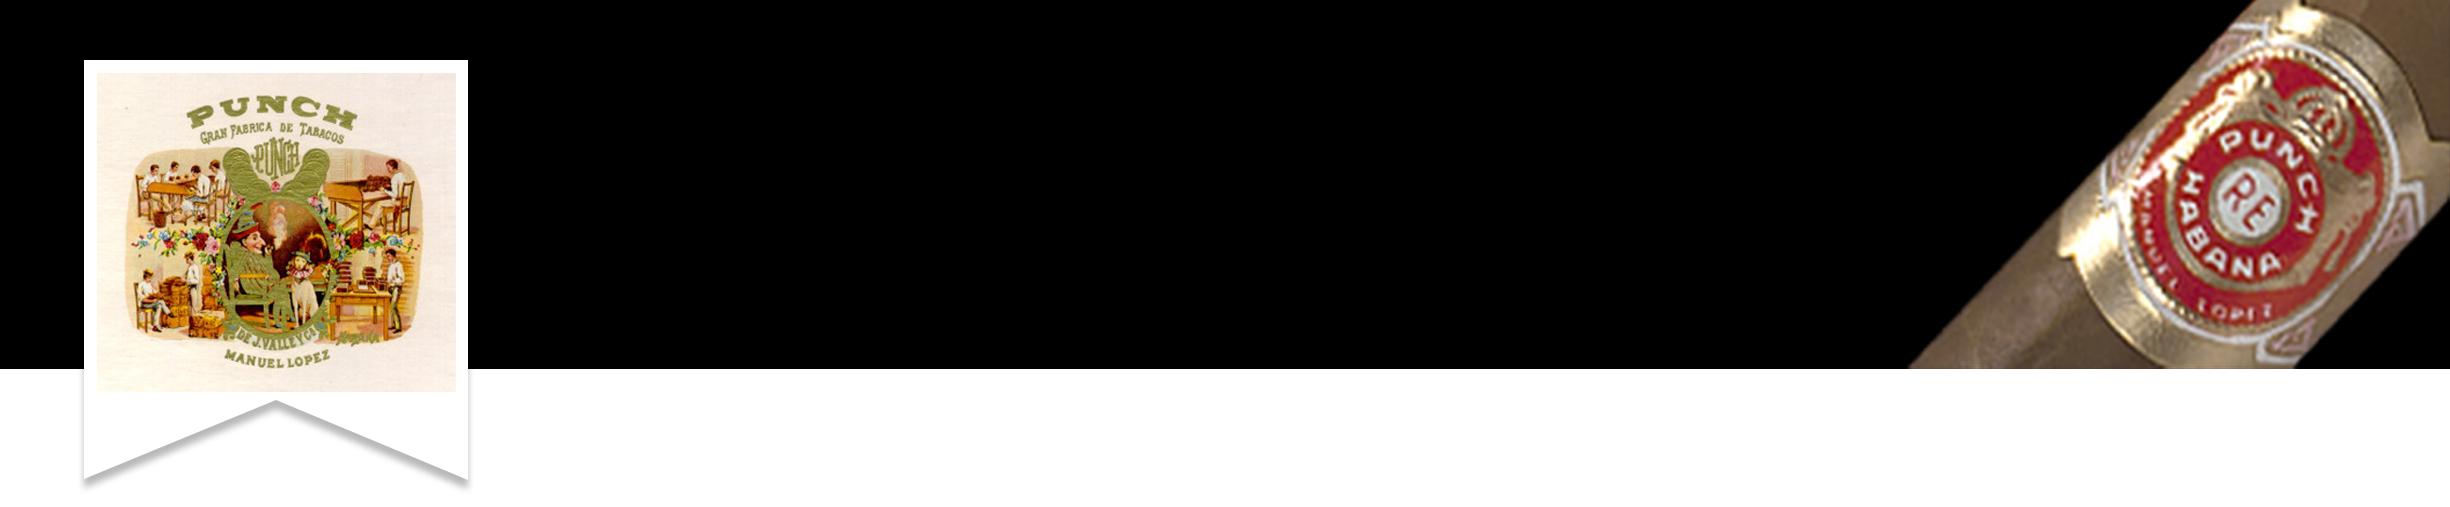 パンチ-キューバン-カテゴリ